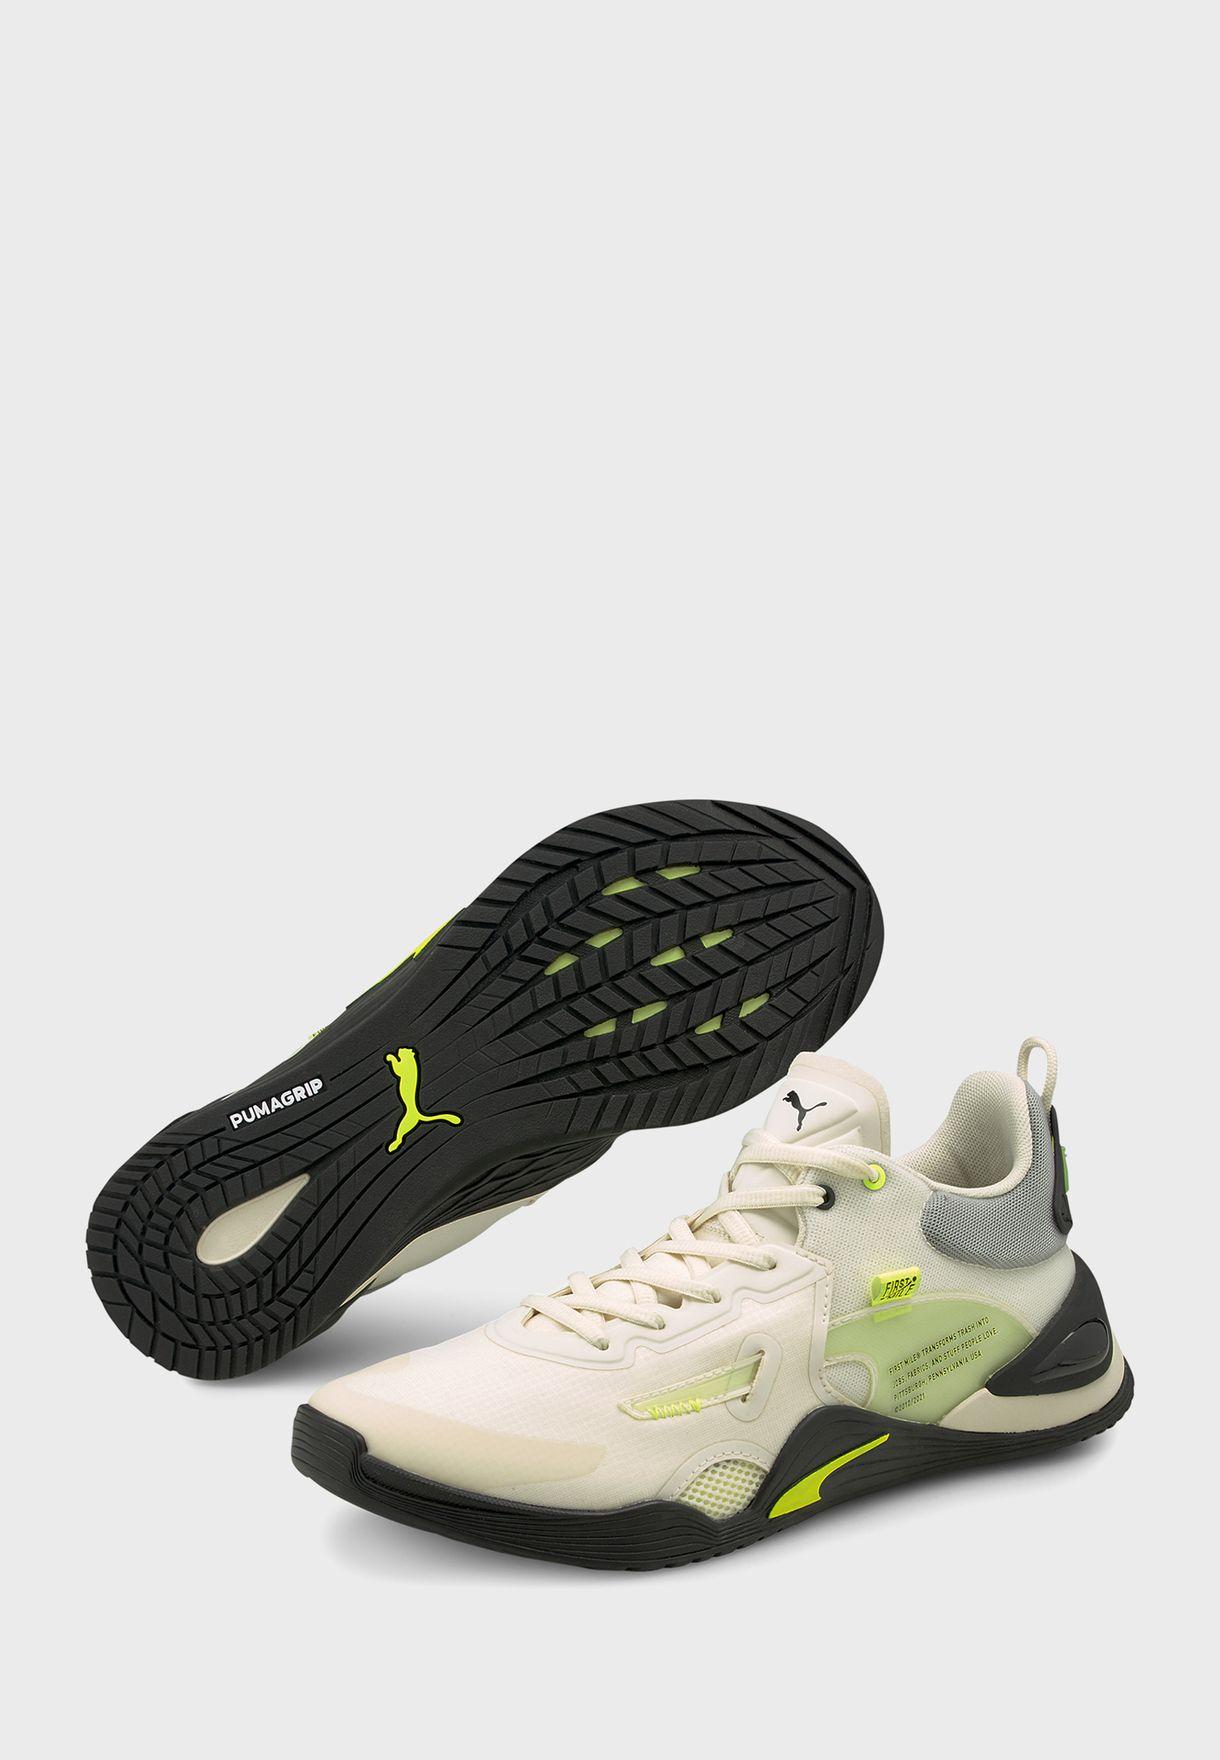 حذاء من مجموعة فيرست مايل